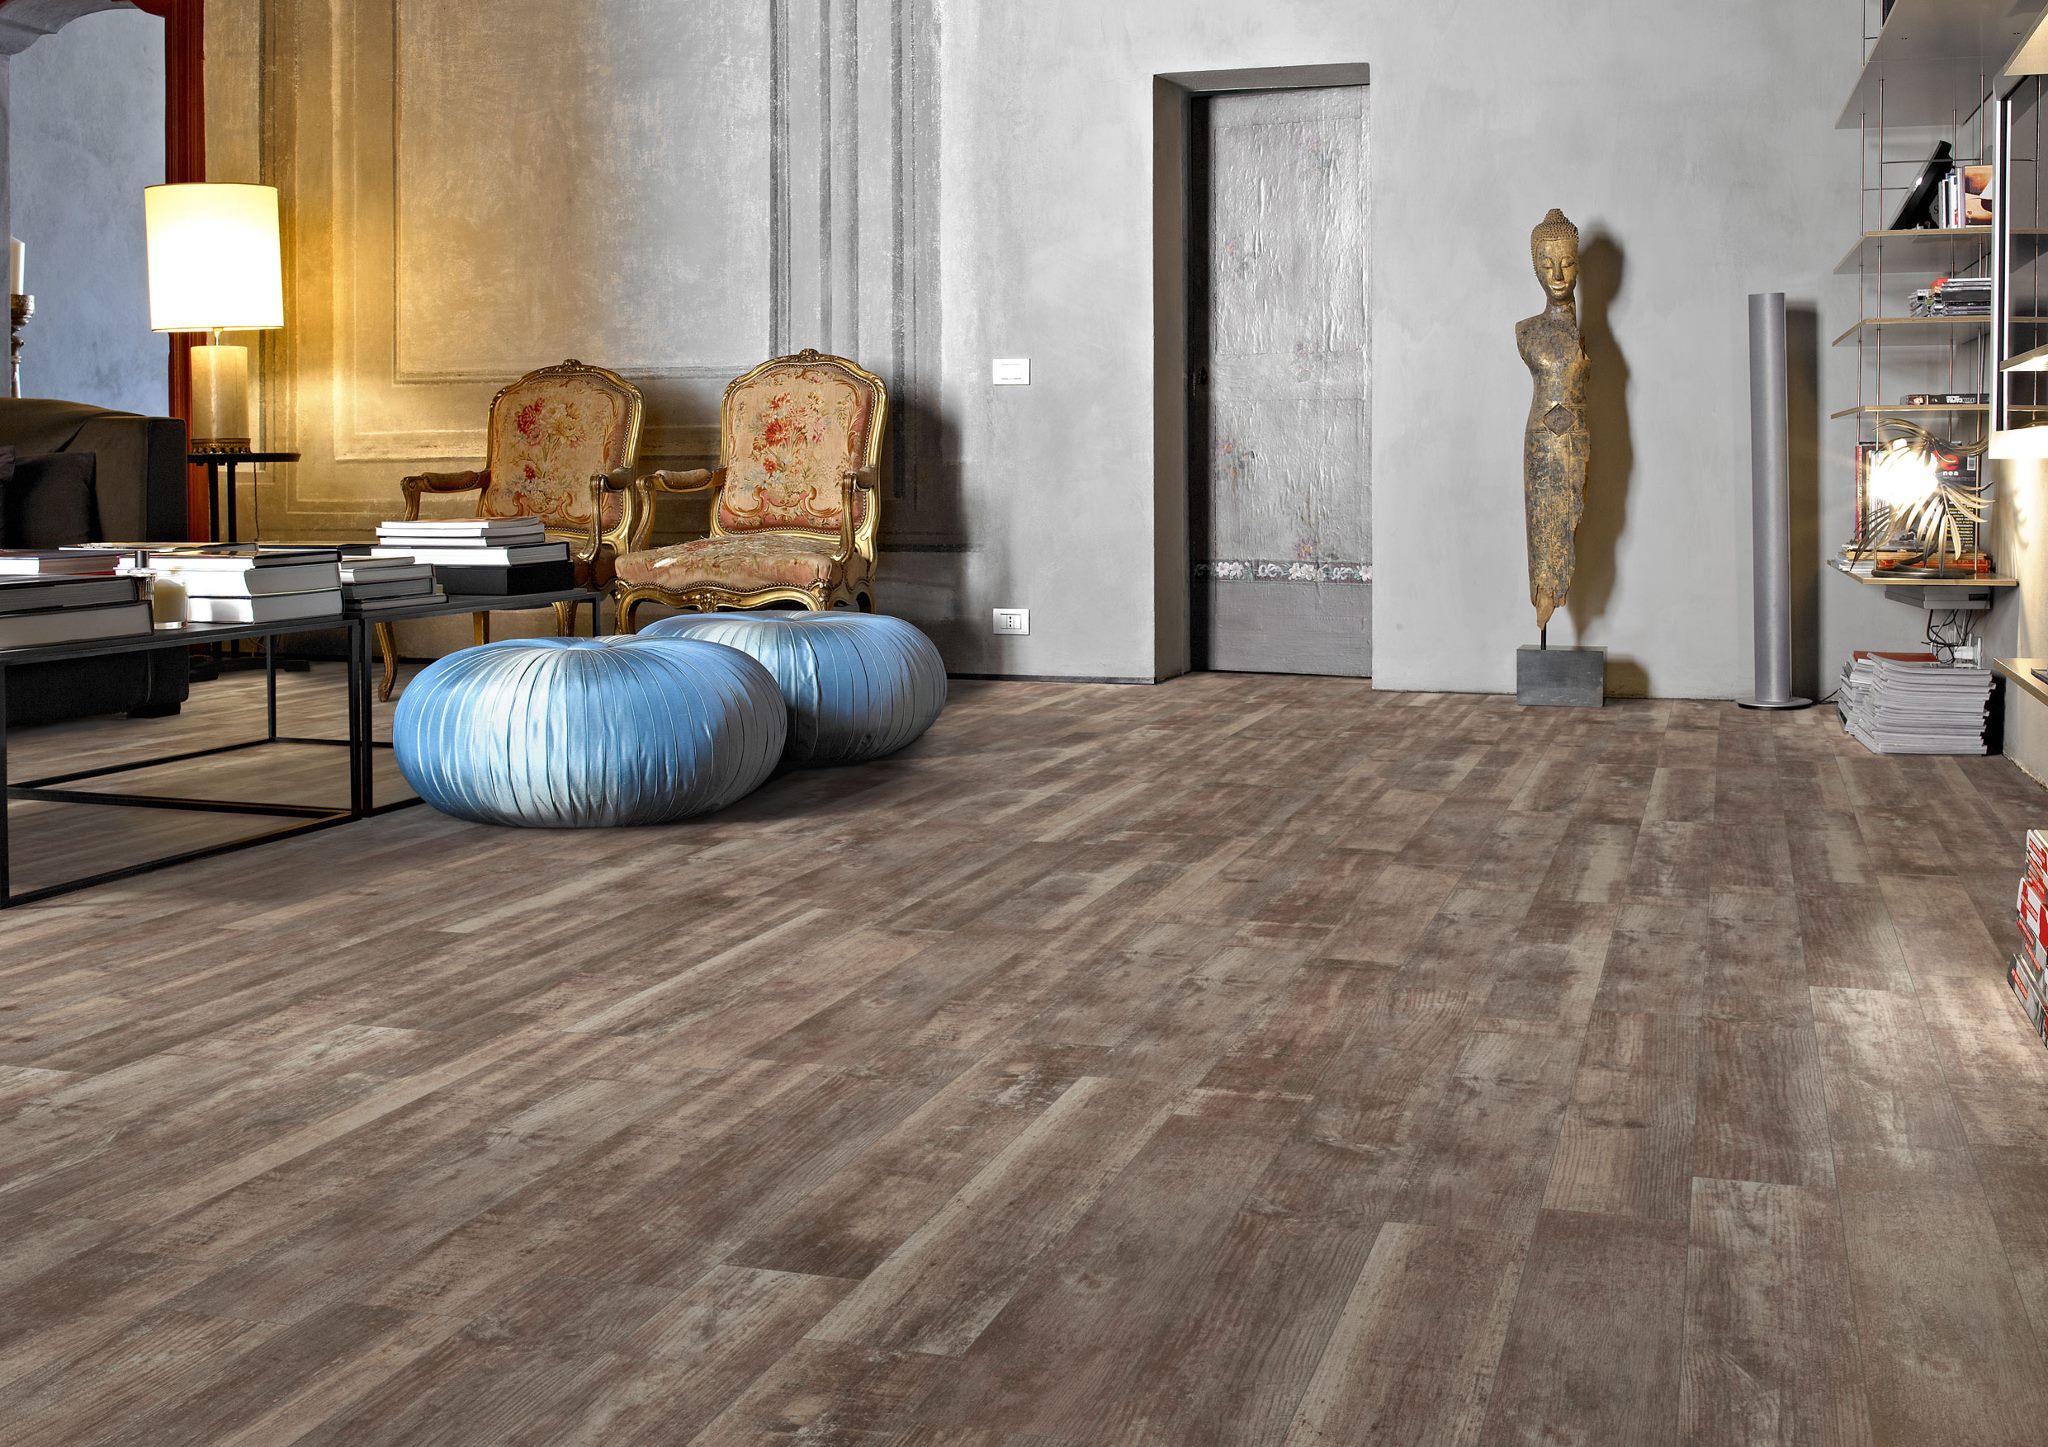 Hos TilesRUs hittar ni klinker med trä-struktur till bästa pris!